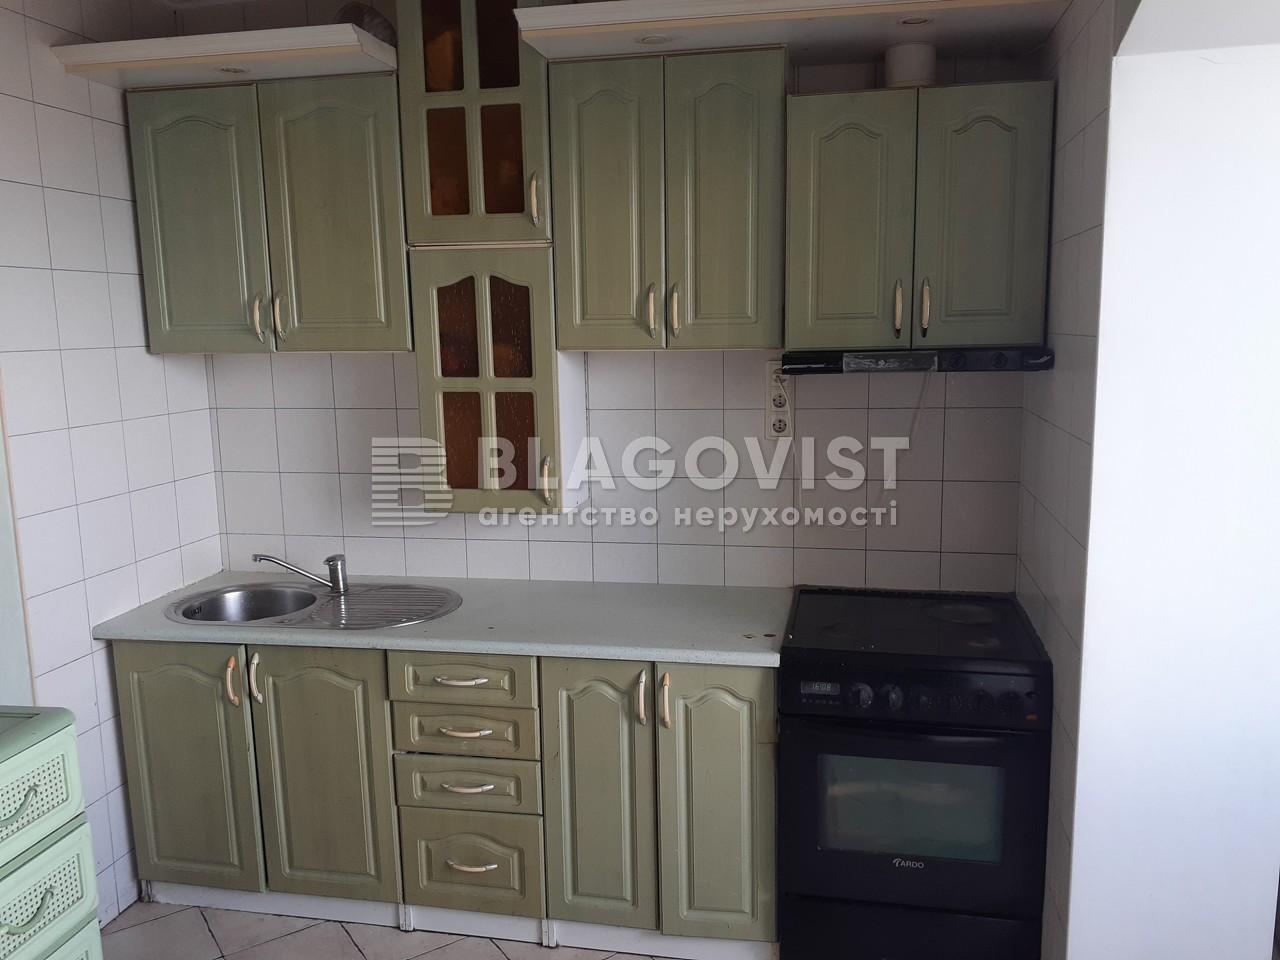 Квартира R-40425, Мостицкая, 10, Киев - Фото 5